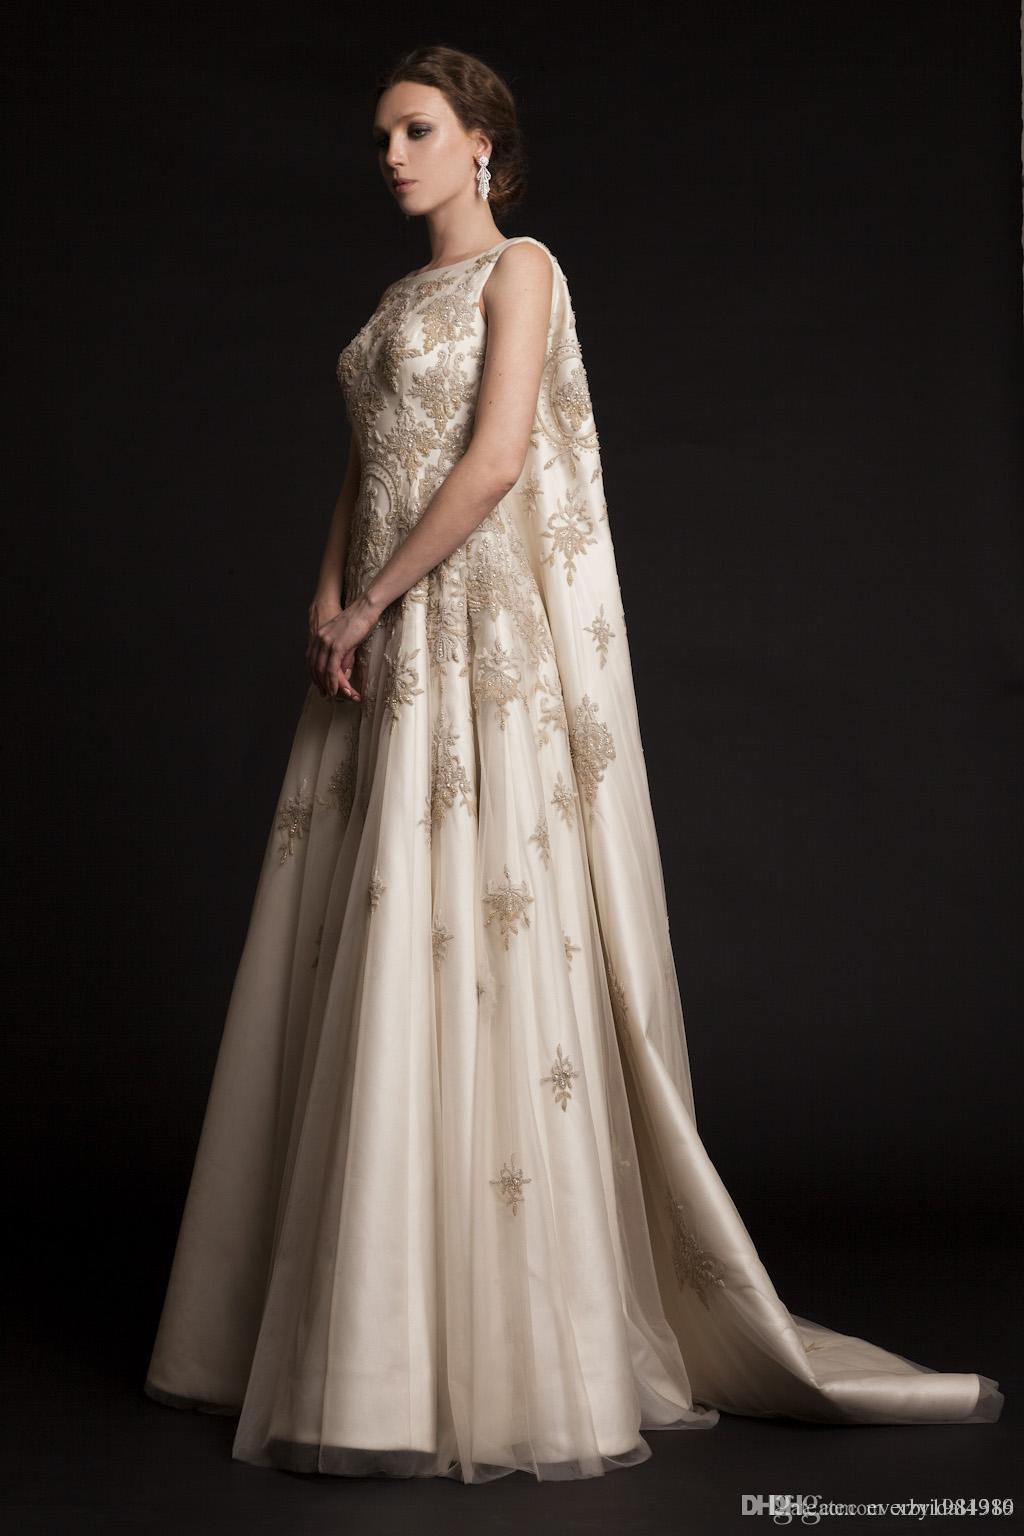 Krikor Jabotian Abendkleider 2015 Bestickt mit Perlen verziert SpitzeAppliques-Kleid-Partei-Abend-Abnutzung Arabisch Watteau Zug Satin Abendkleider